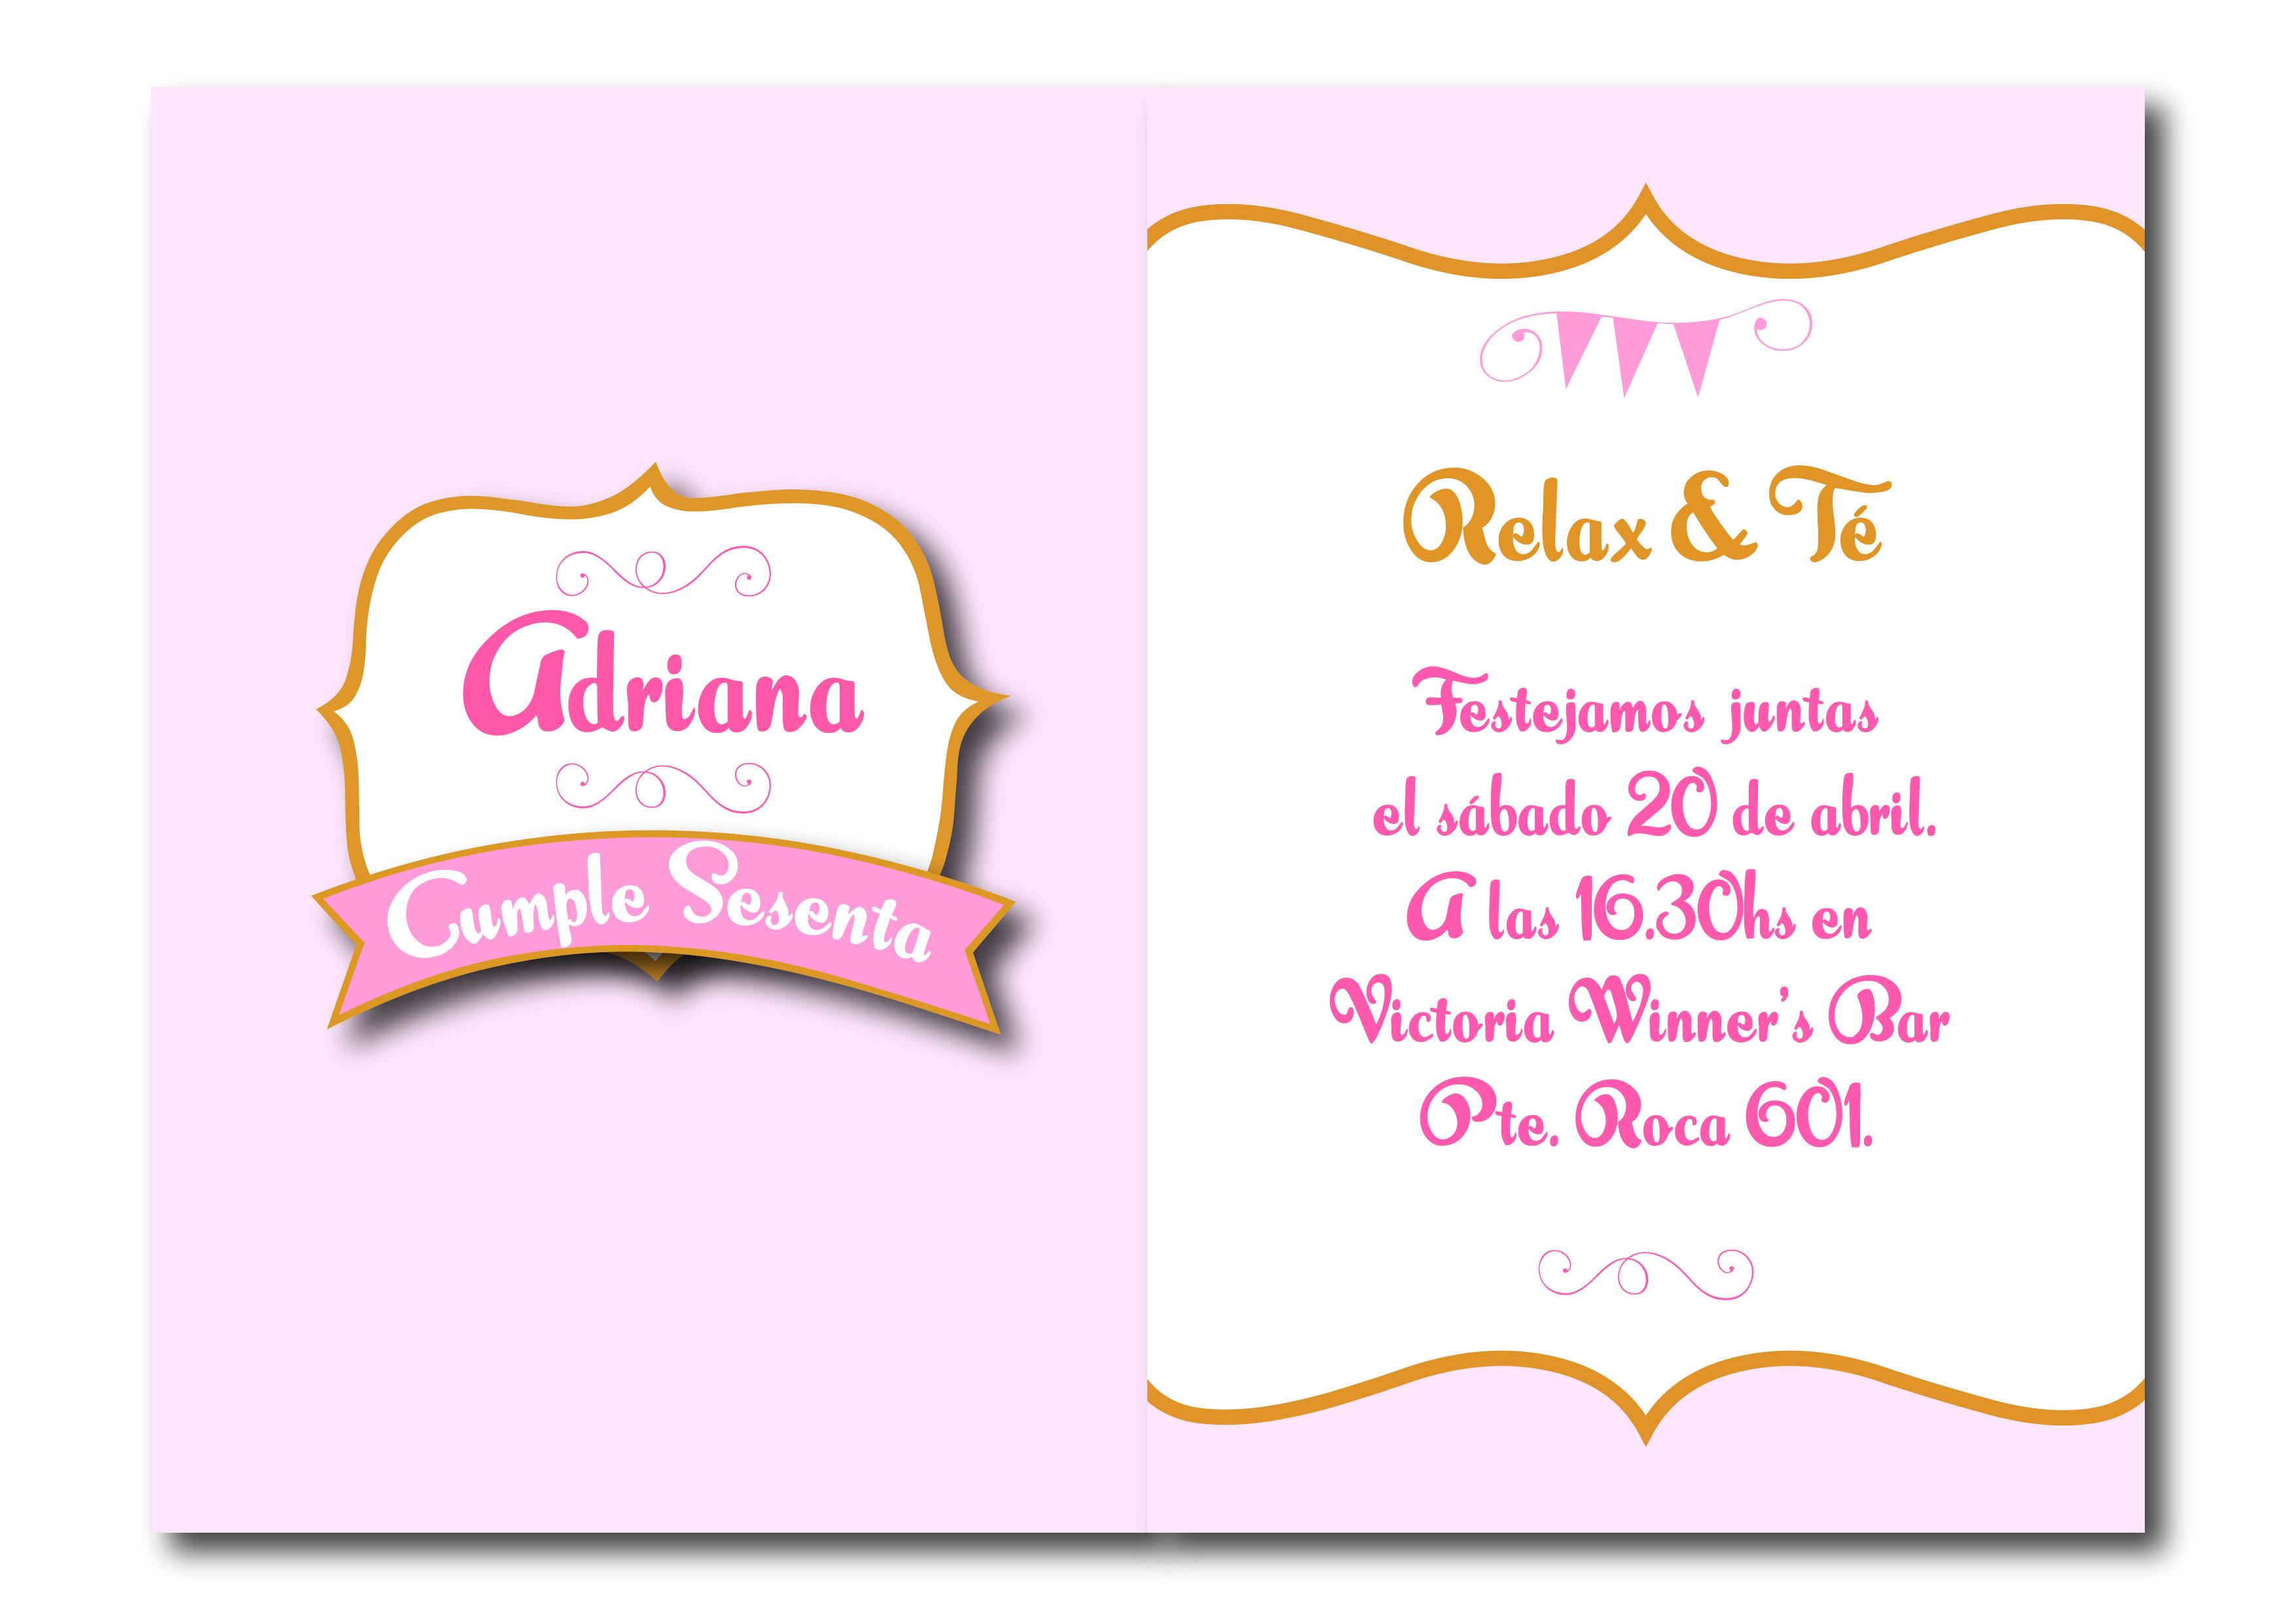 Invitaciones De Cumpleaños Para Mujer Wallpaper En Hd Gratis 5 en HD Gratis Proyectos que